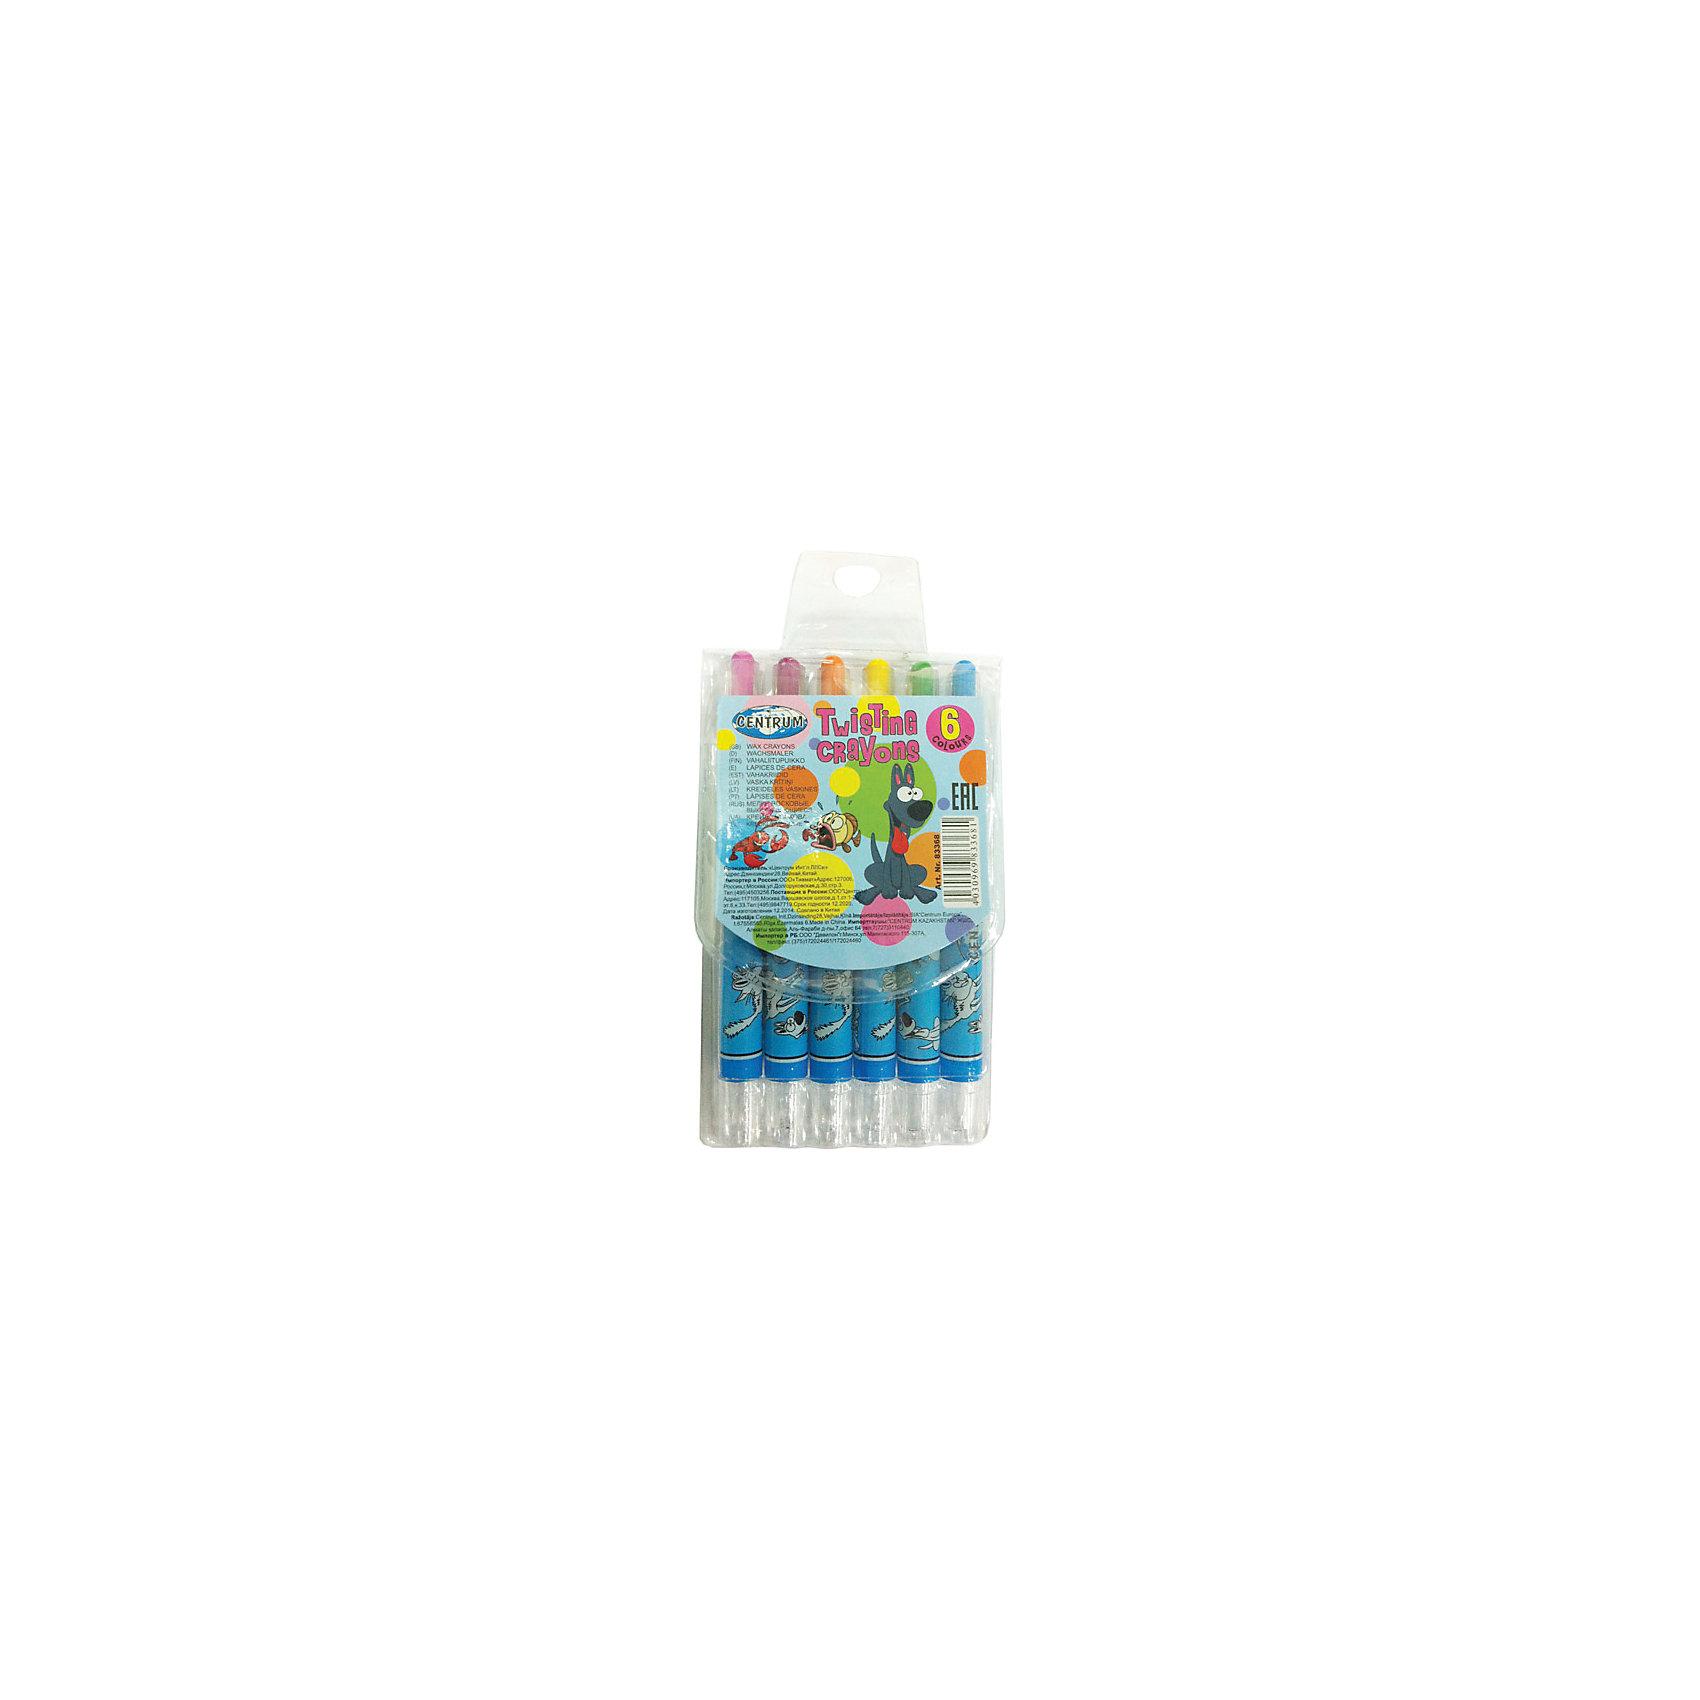 CENTRUM Мелки восковые выдвижные Twist, 6 цветов выдвижные кровати для двоих детей